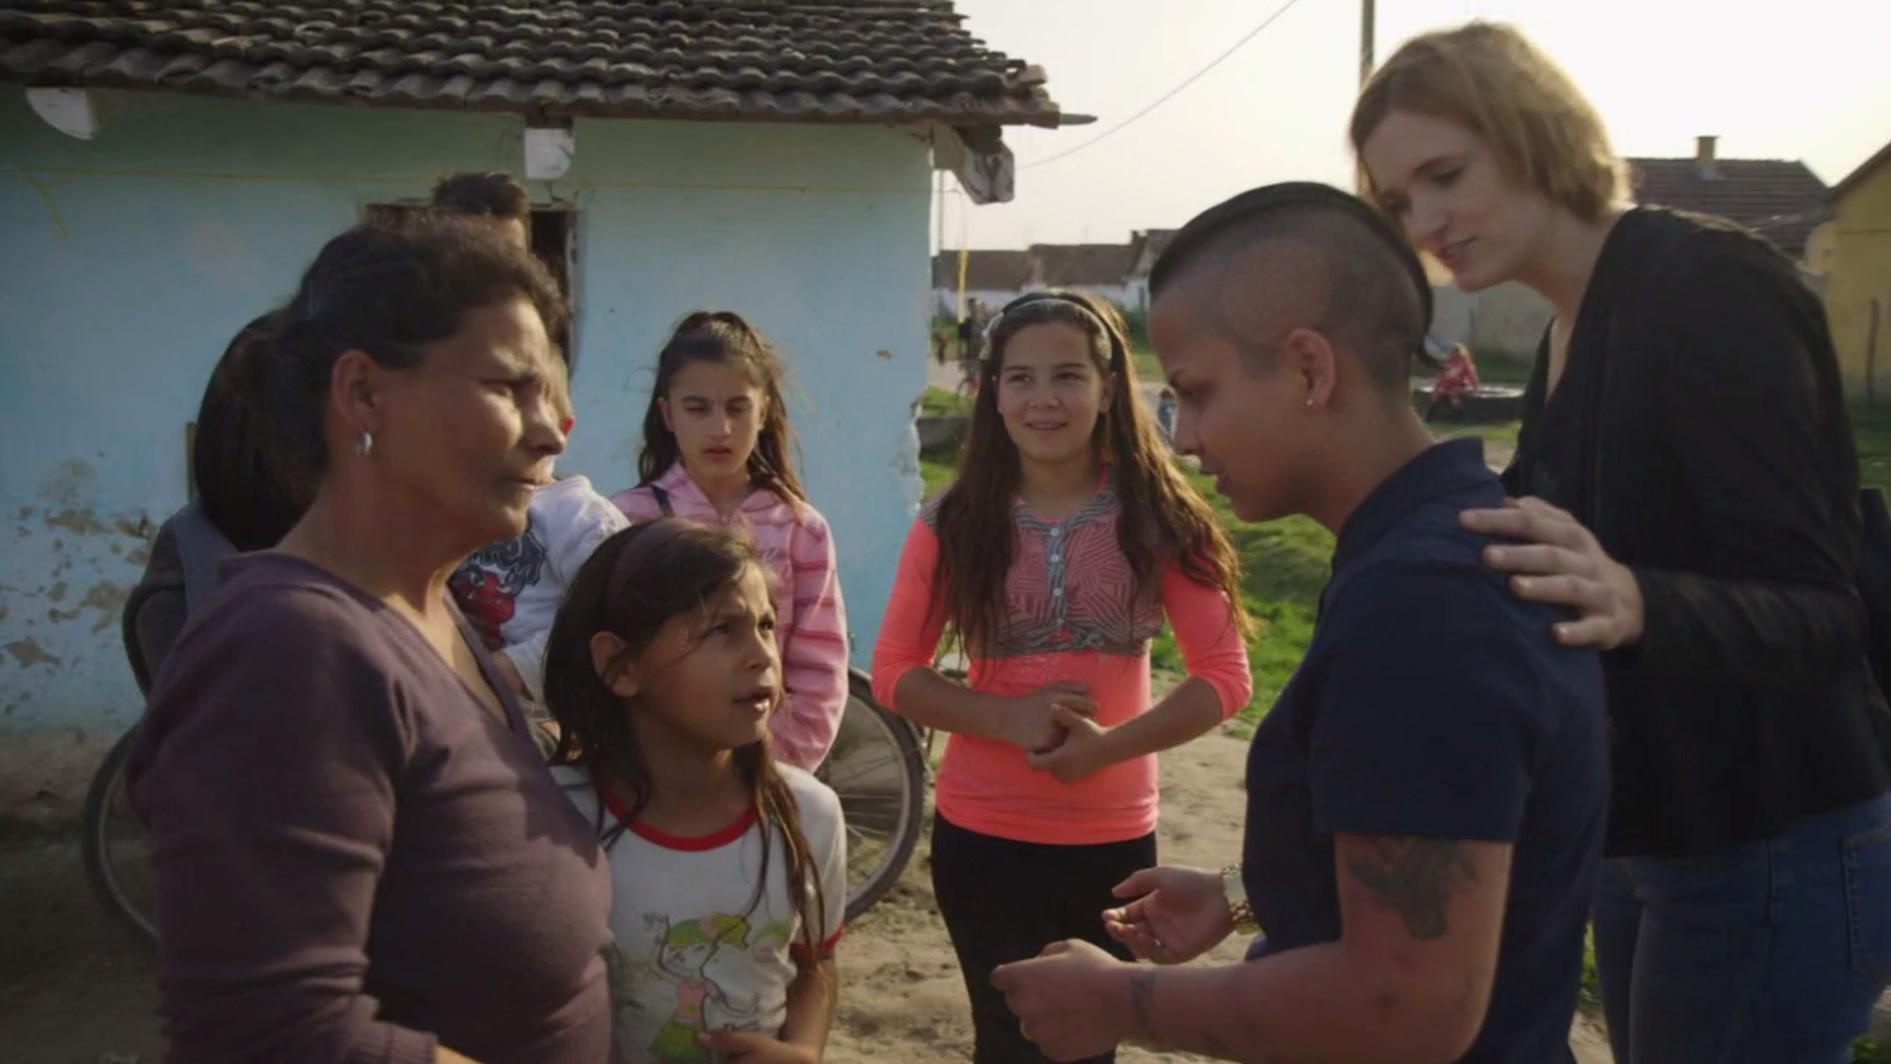 levnu psykologi adopterede maria fandt sin familie nu vil hun aendre danskernes syn paa romaer